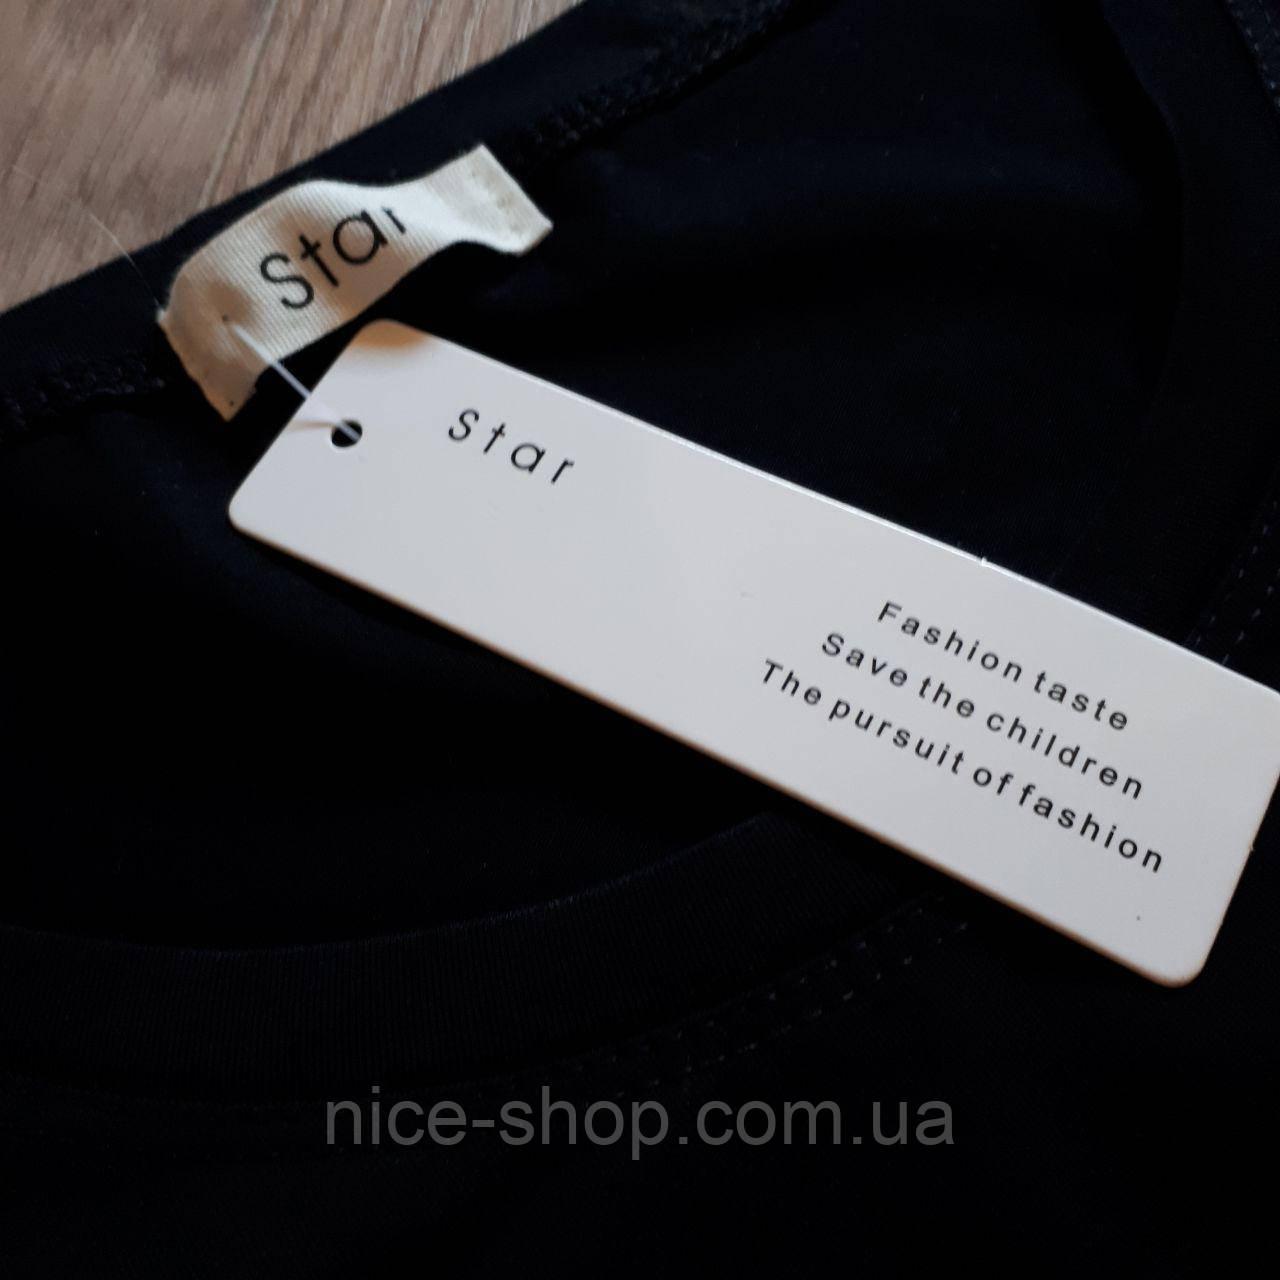 479fe71e4a6d Футболка женская Gucci черная, логотип классика: продажа, цена в ...